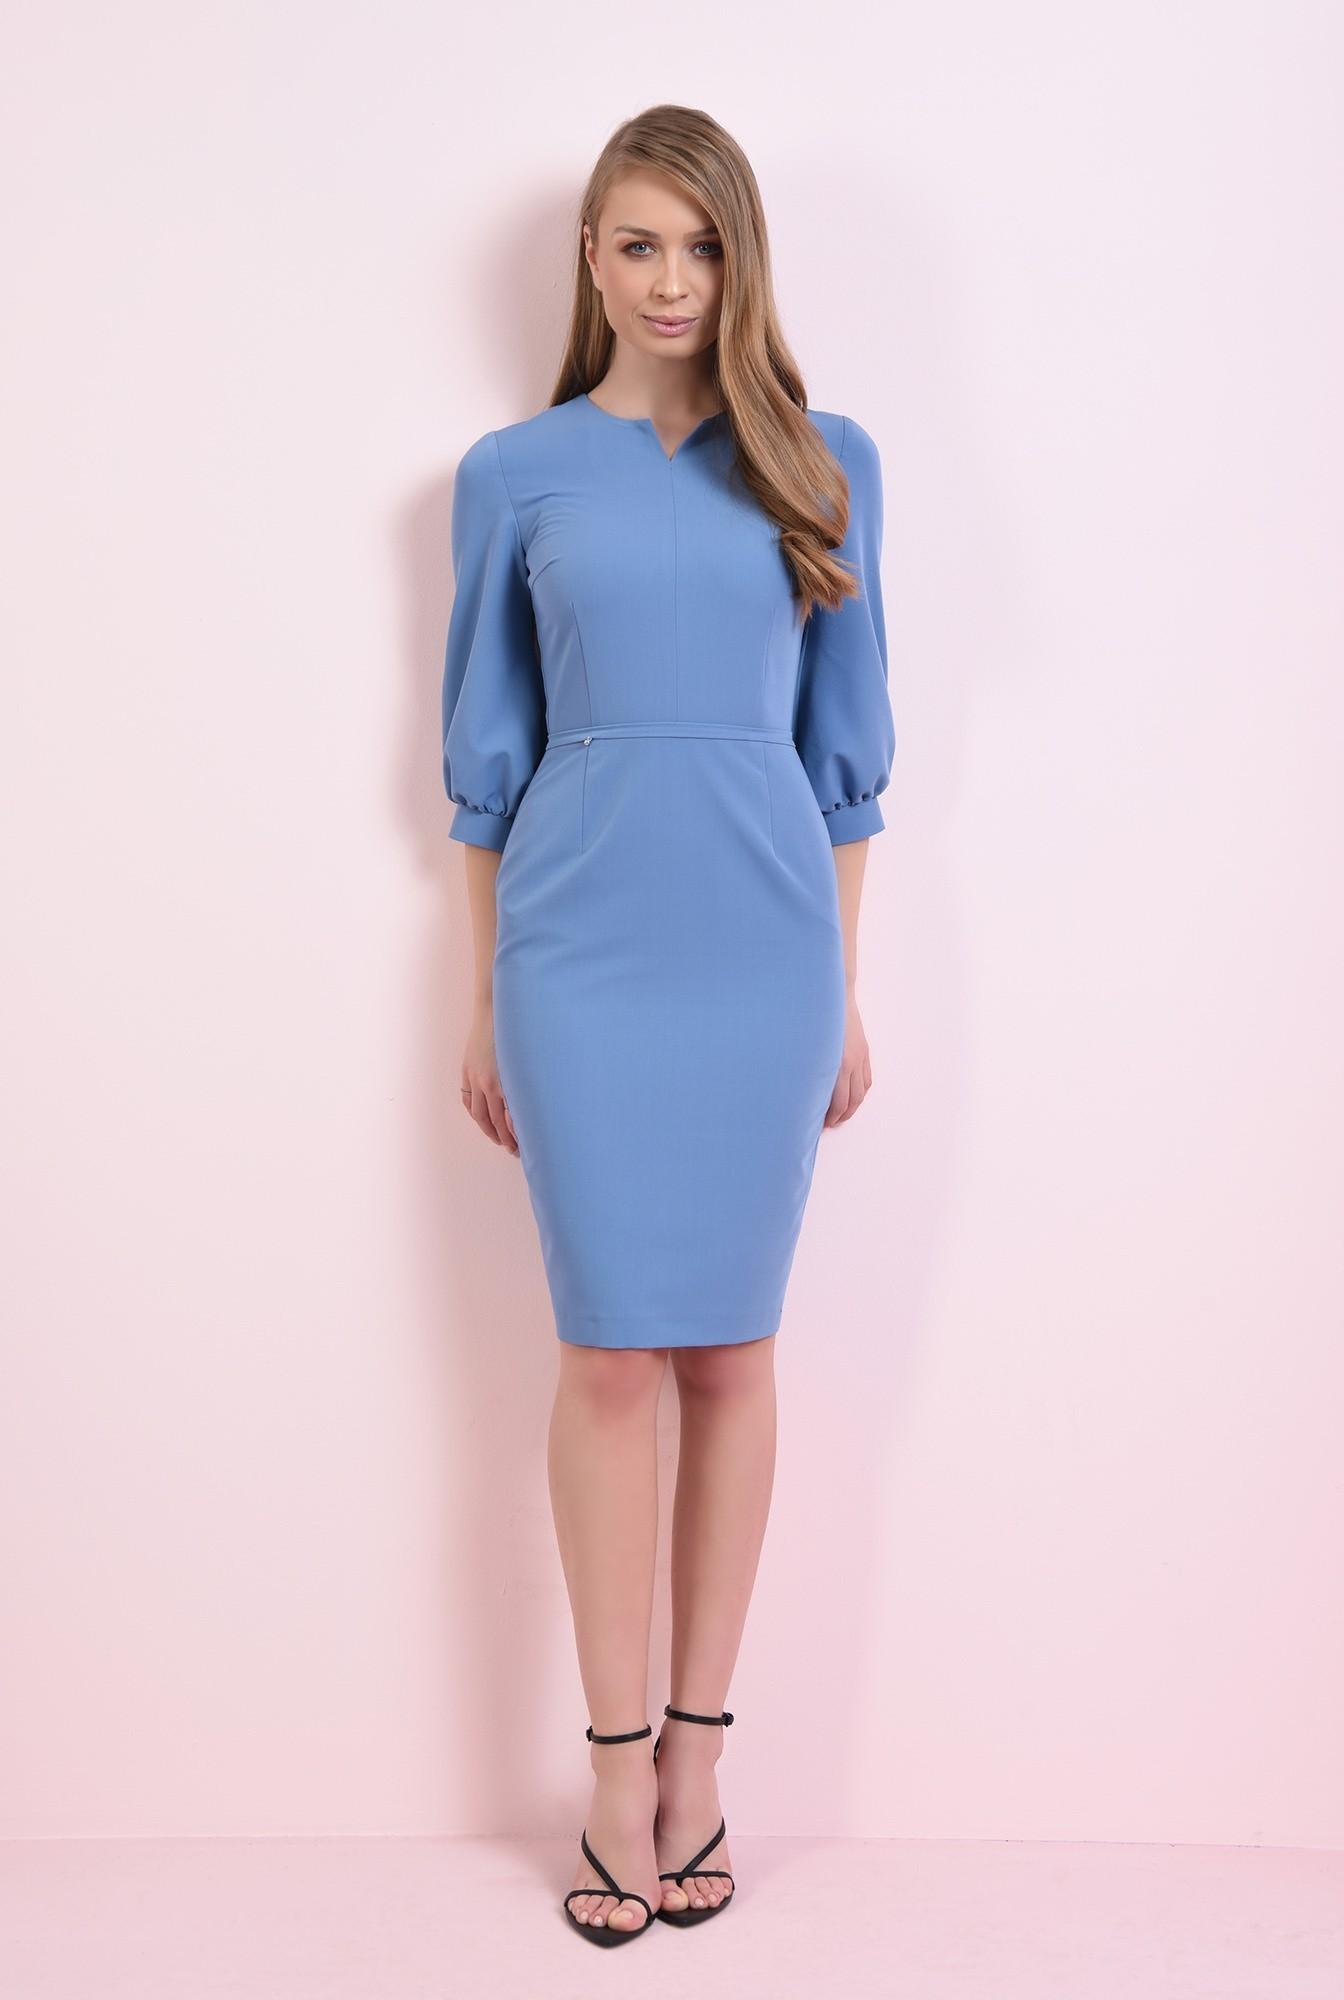 1 - rochie midi, bleu, cu maneca bufanta